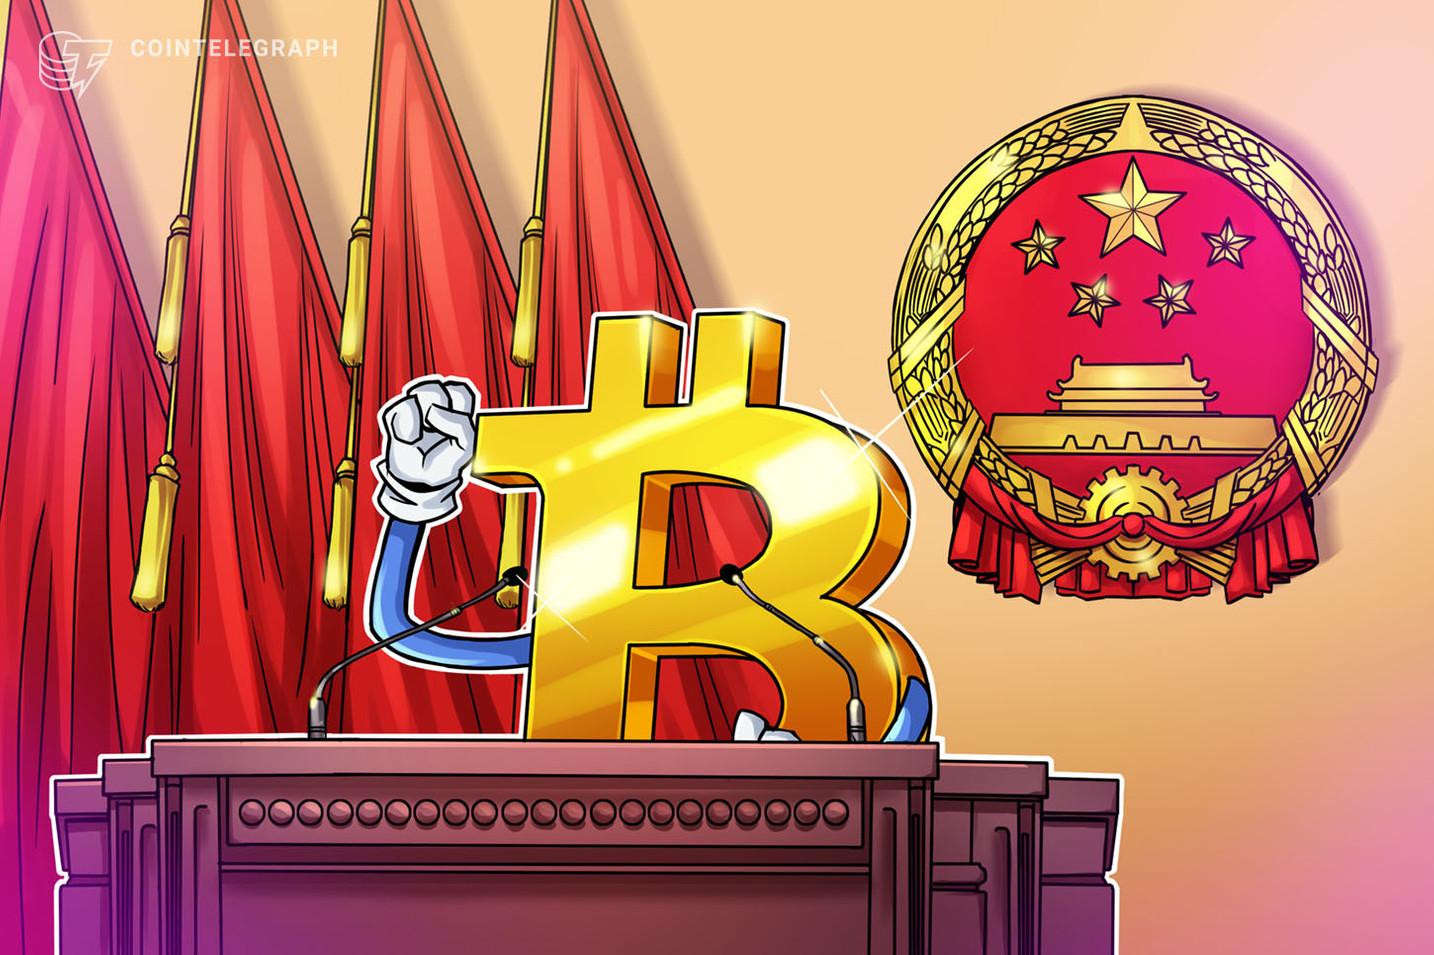 El intento de China de matar a Bitcoin falló: aquí hay 3 razones por las que